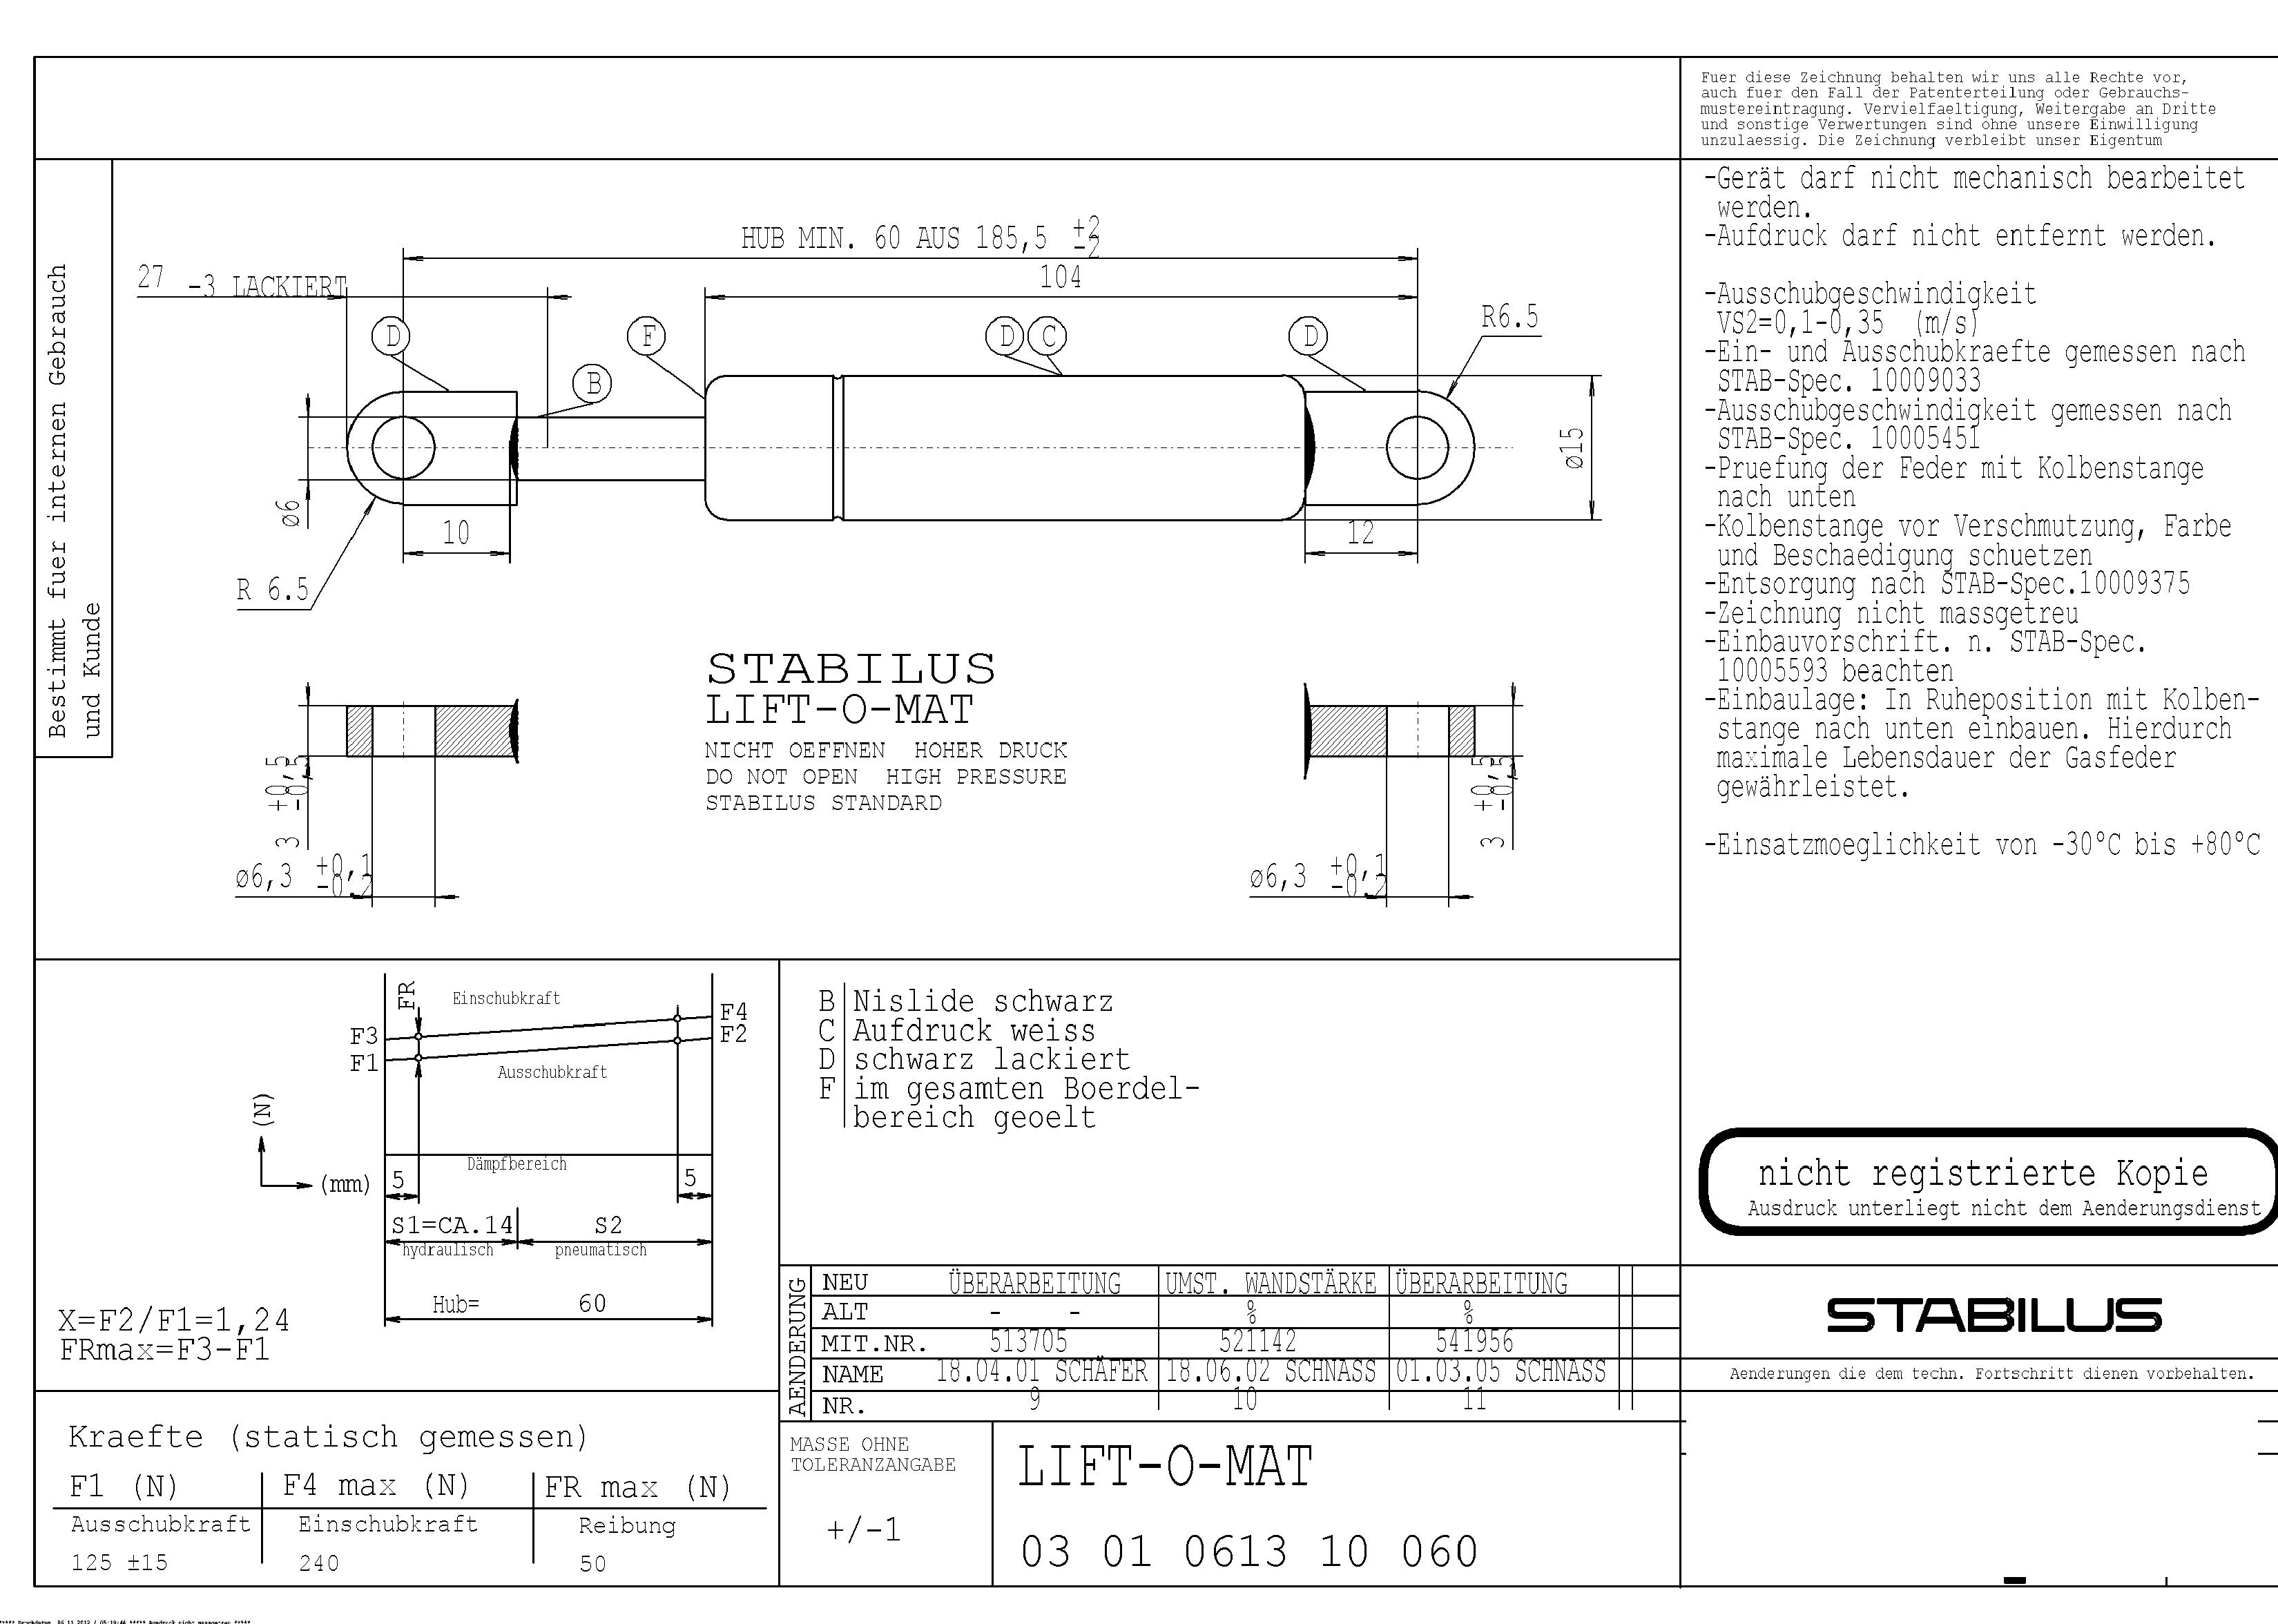 Ikea Värde Hängeschrank Gasdruckfeder ~ Ikea Värde Gasfeder LIFT−O−MAT 236195 0125N Zugkolben